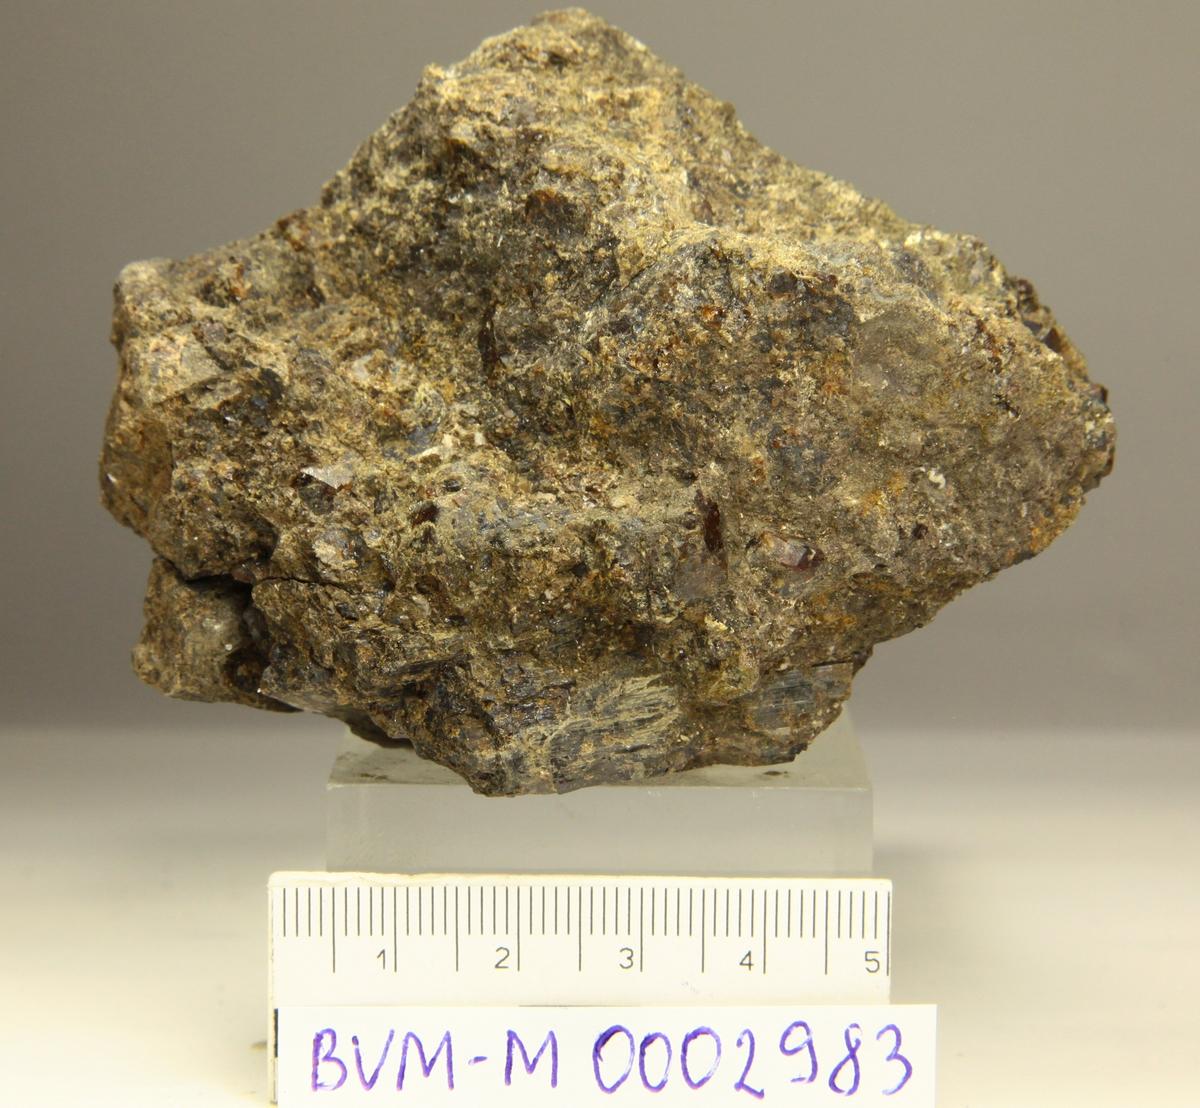 Svartbrune krystaller, uten toppflater. Årvoll (lokalitet for gul mangan-axinitt).